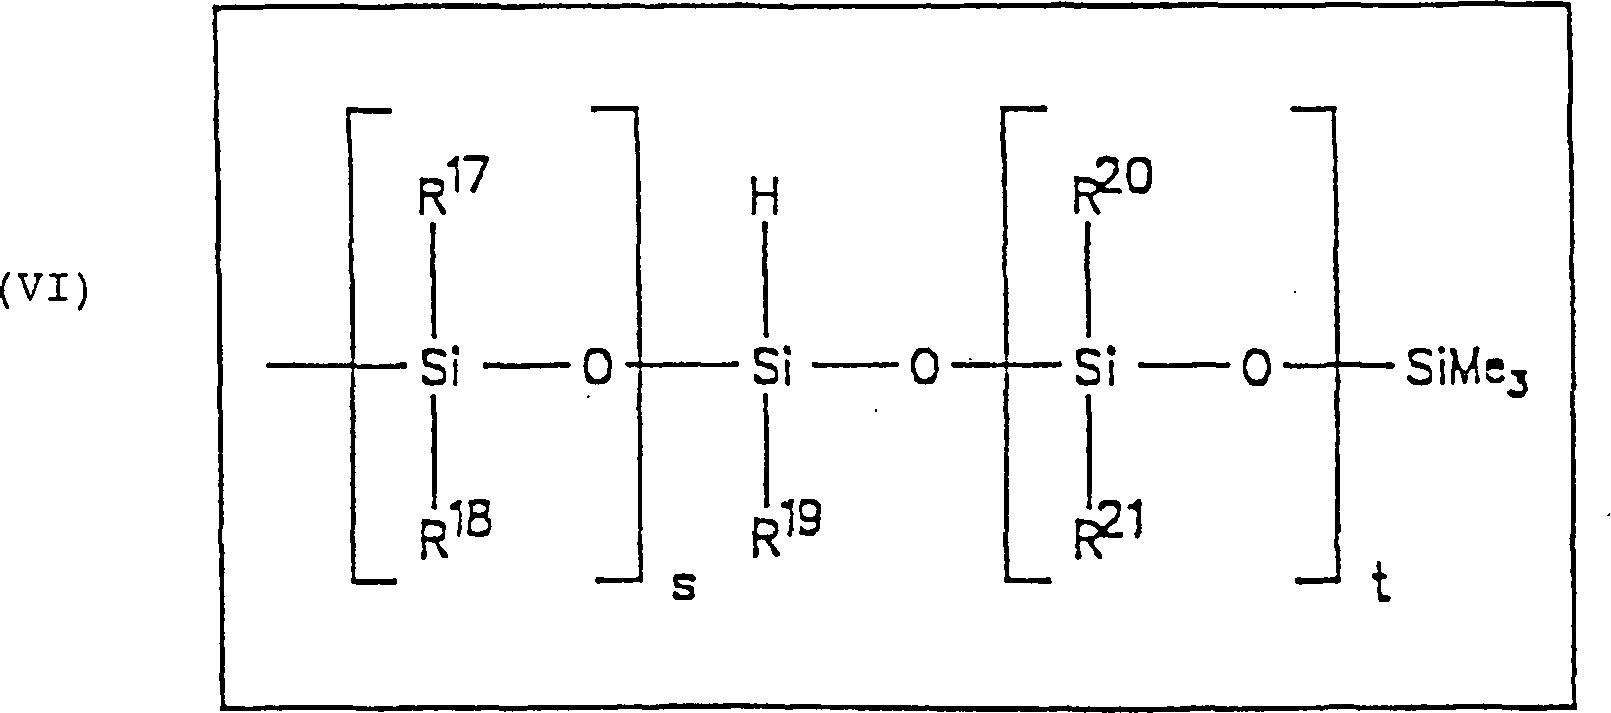 Figure DE000019719438C5_0010